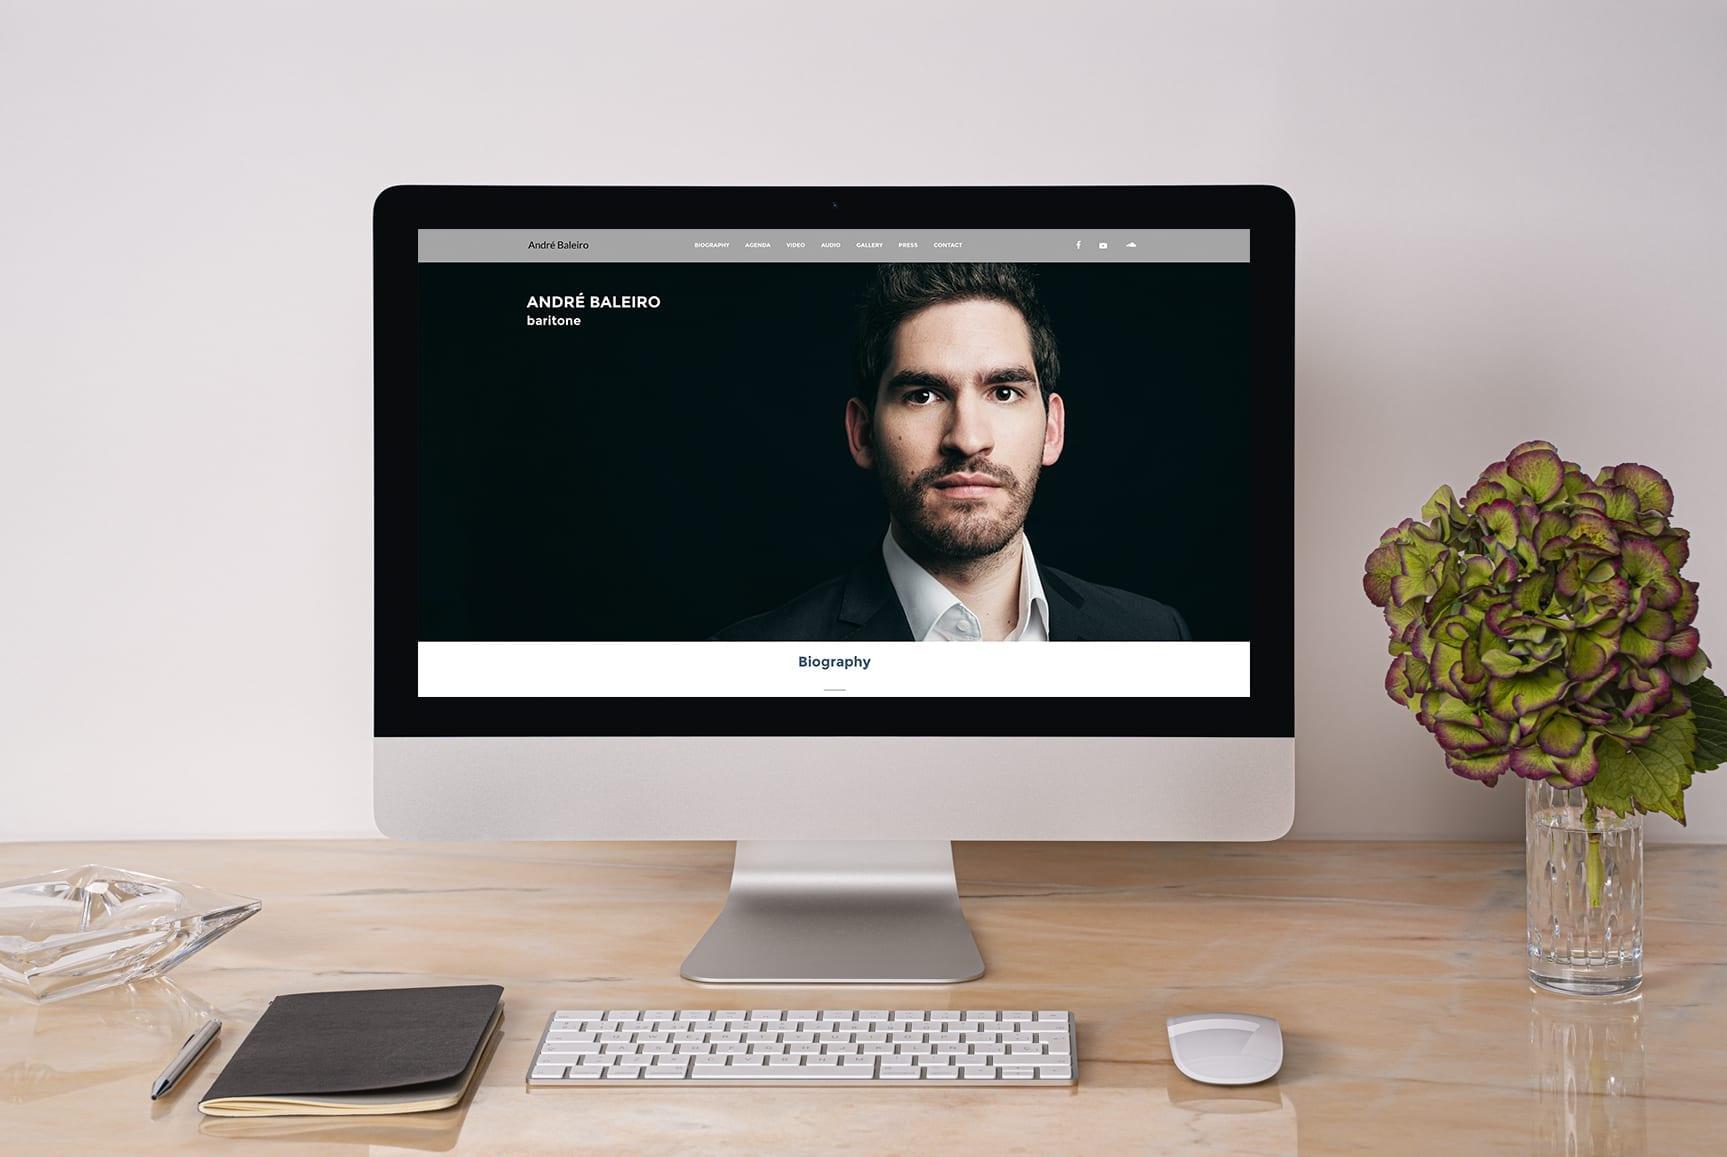 Site de cantor lírico versão desktop